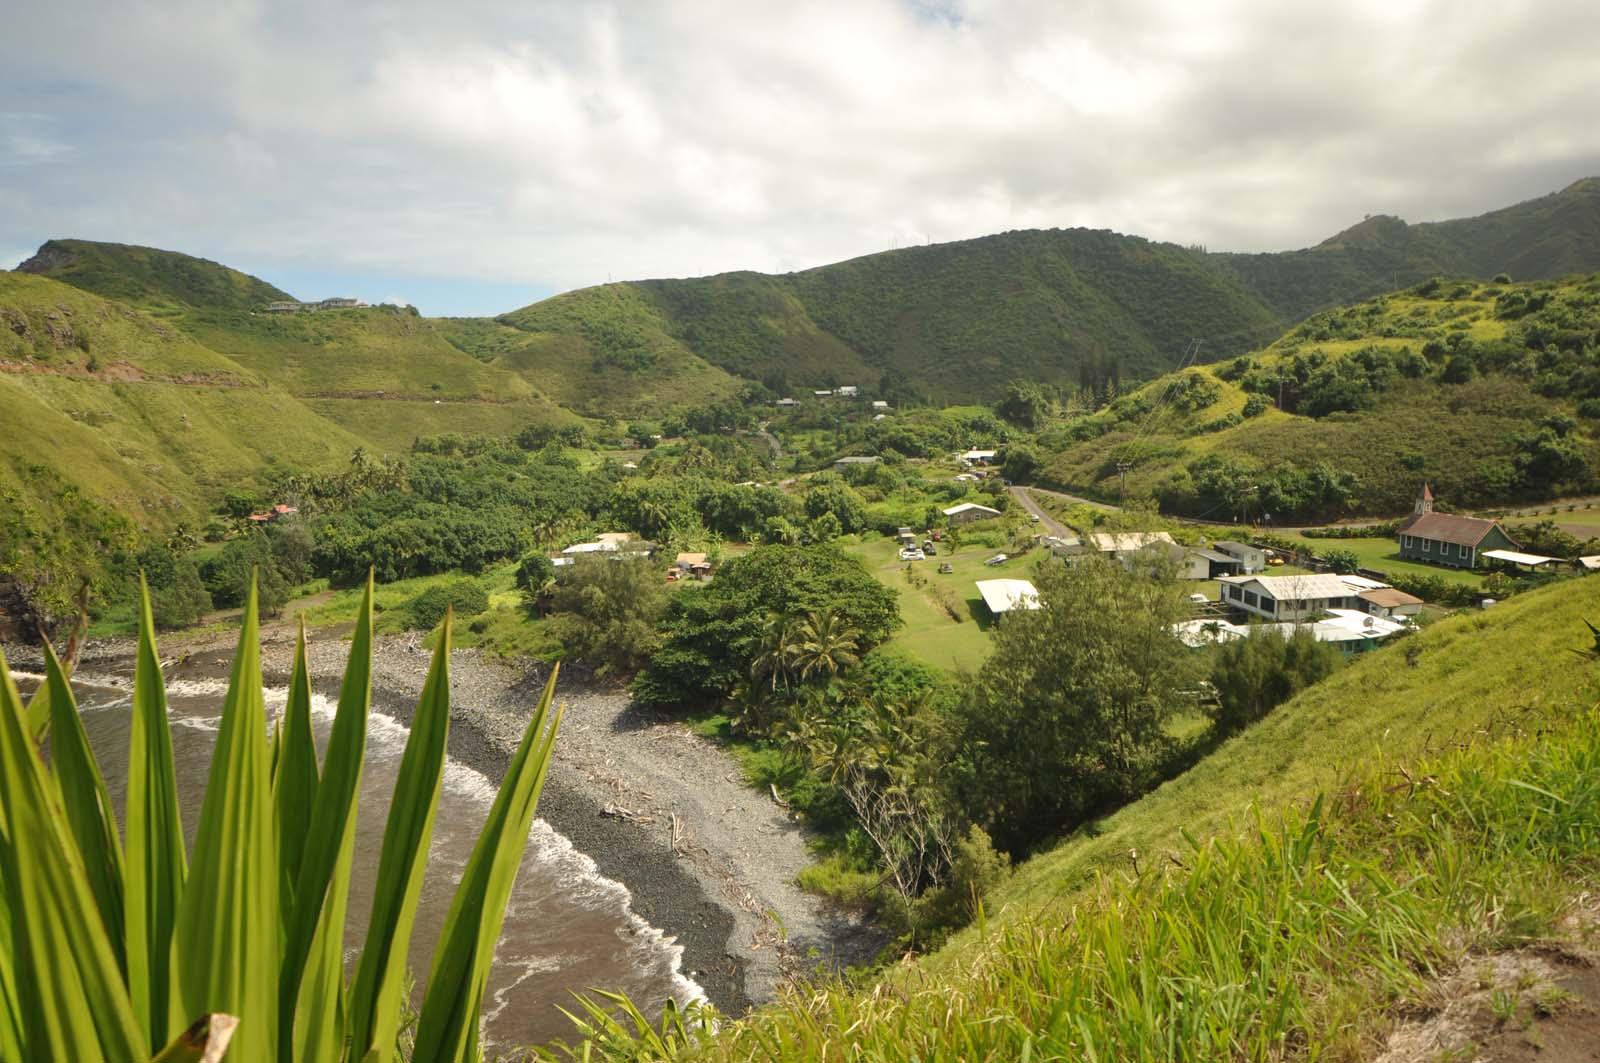 027_west_coast_maui_hawaii